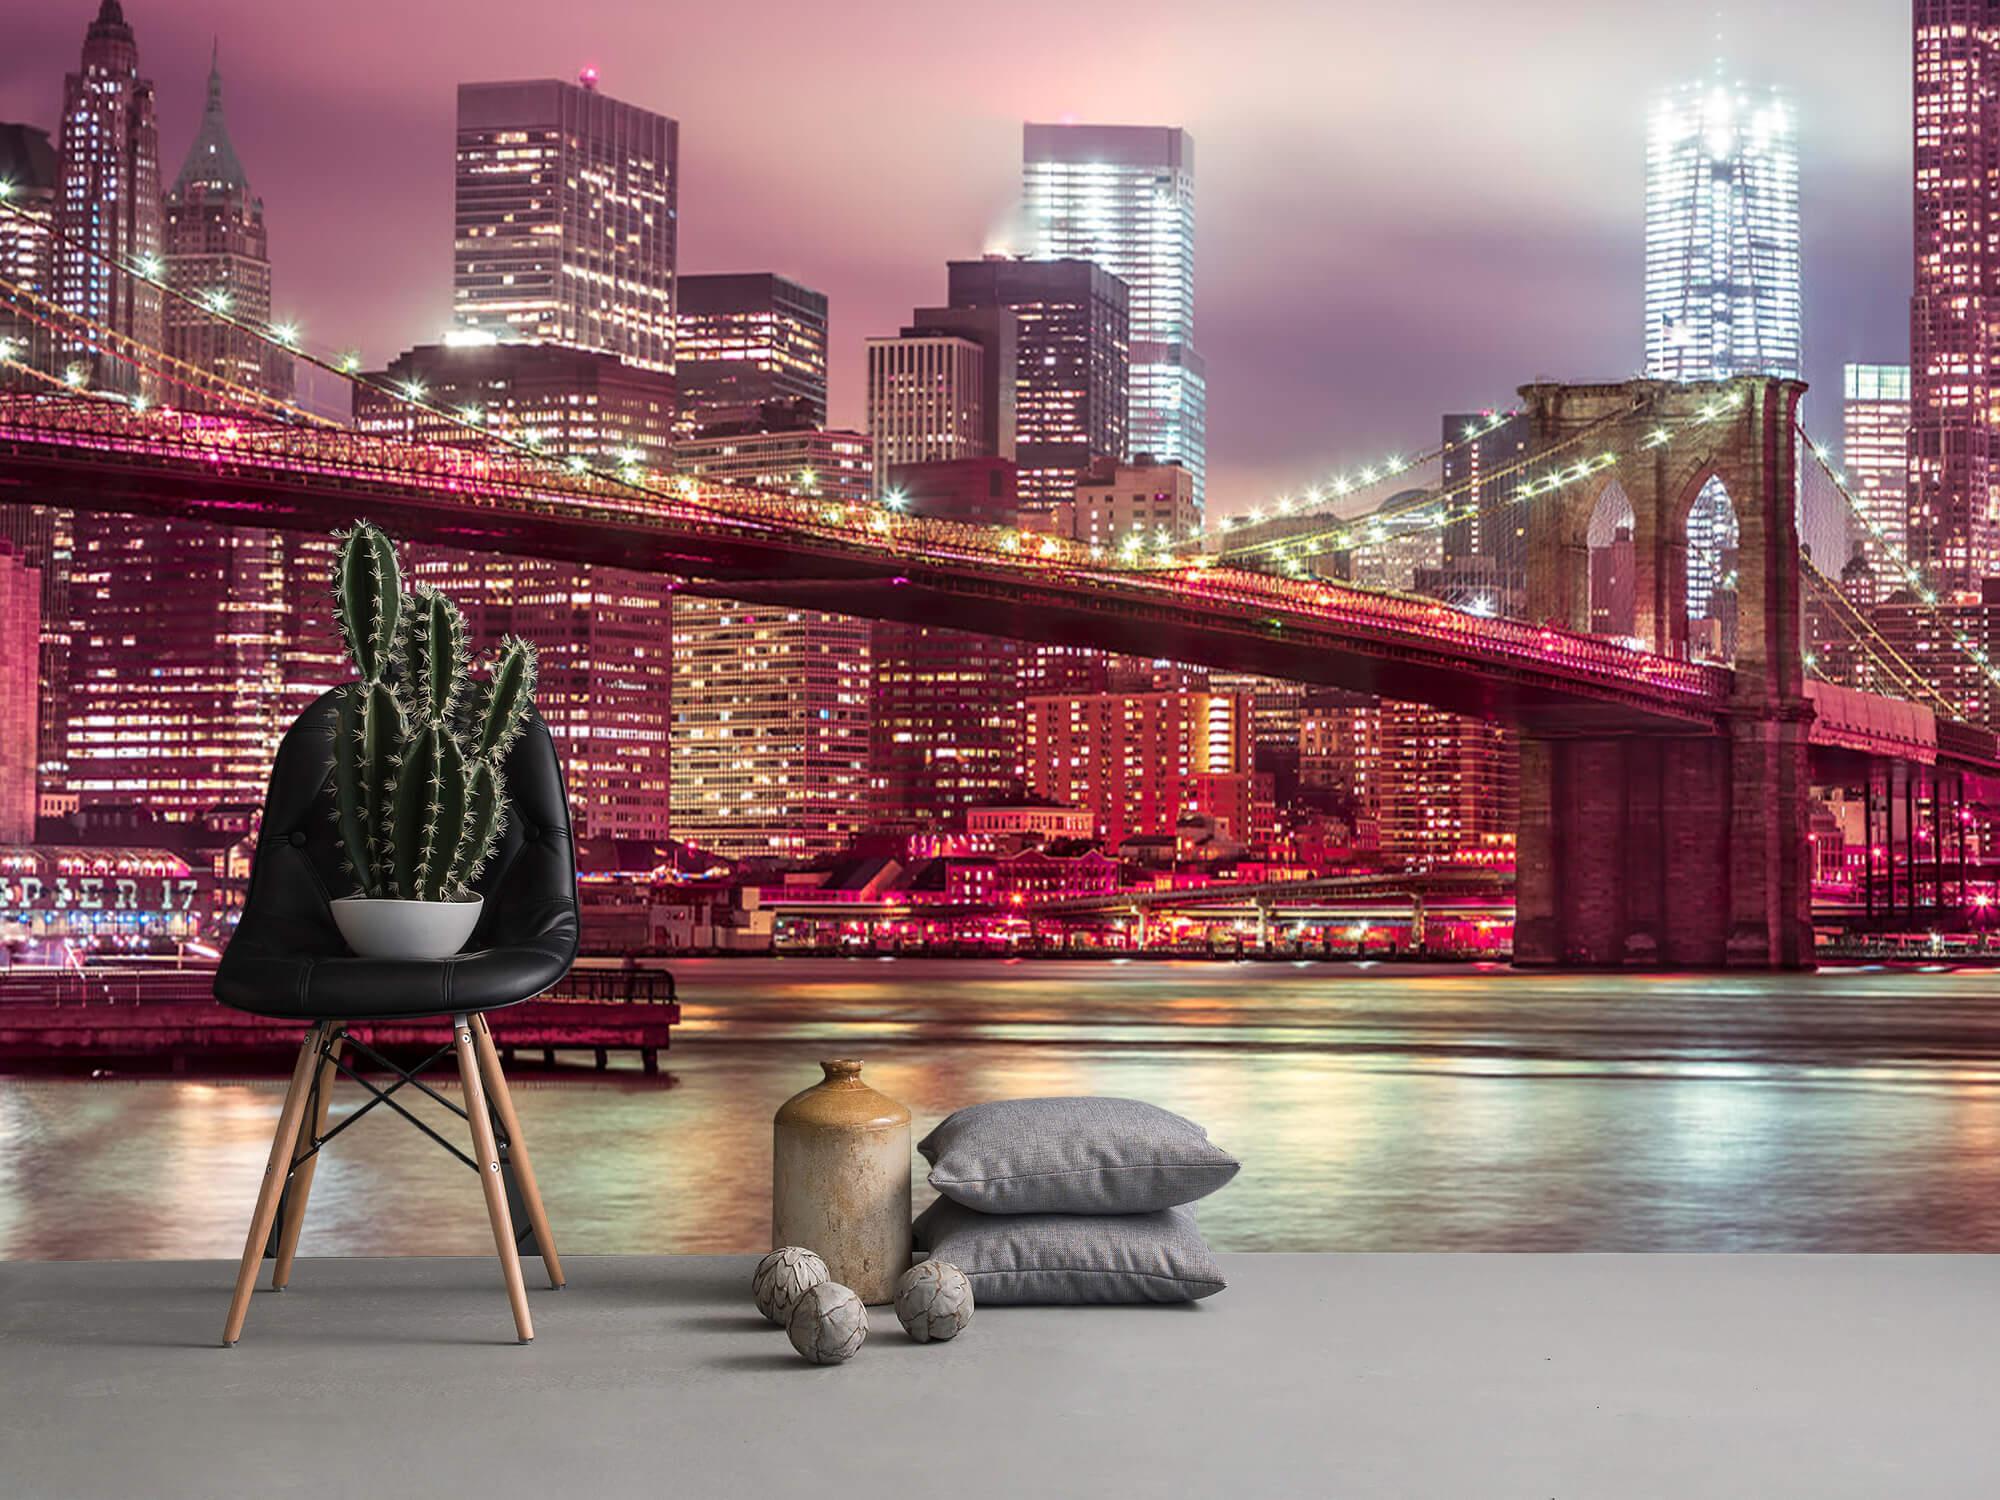 Evening in Manhattan 5